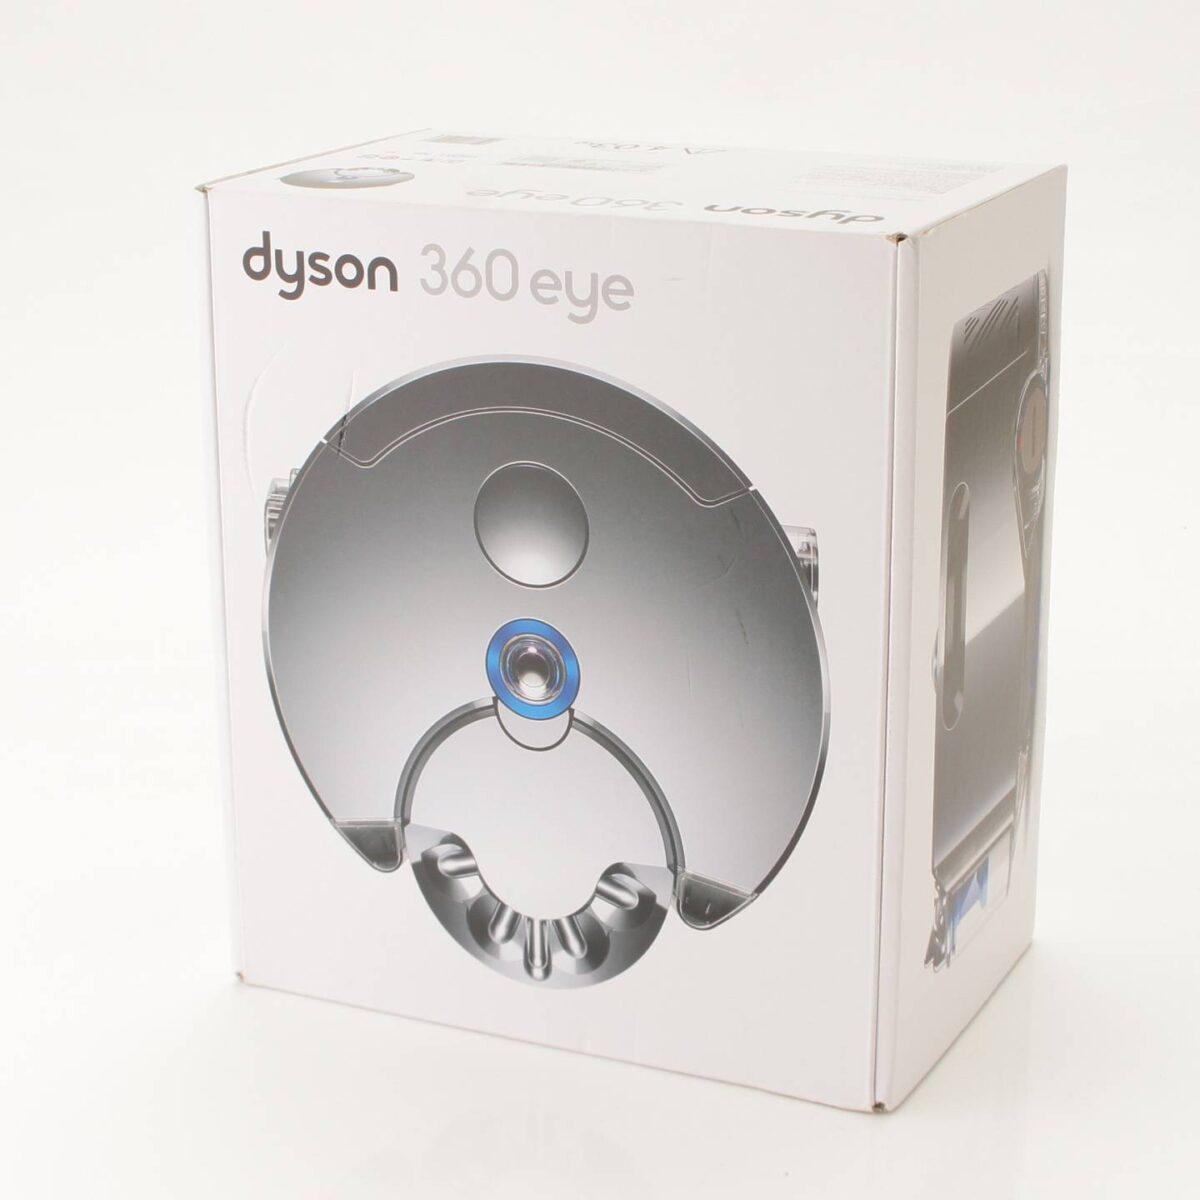 ダイソン ロボット掃除機 360 eye RB01 ブルー